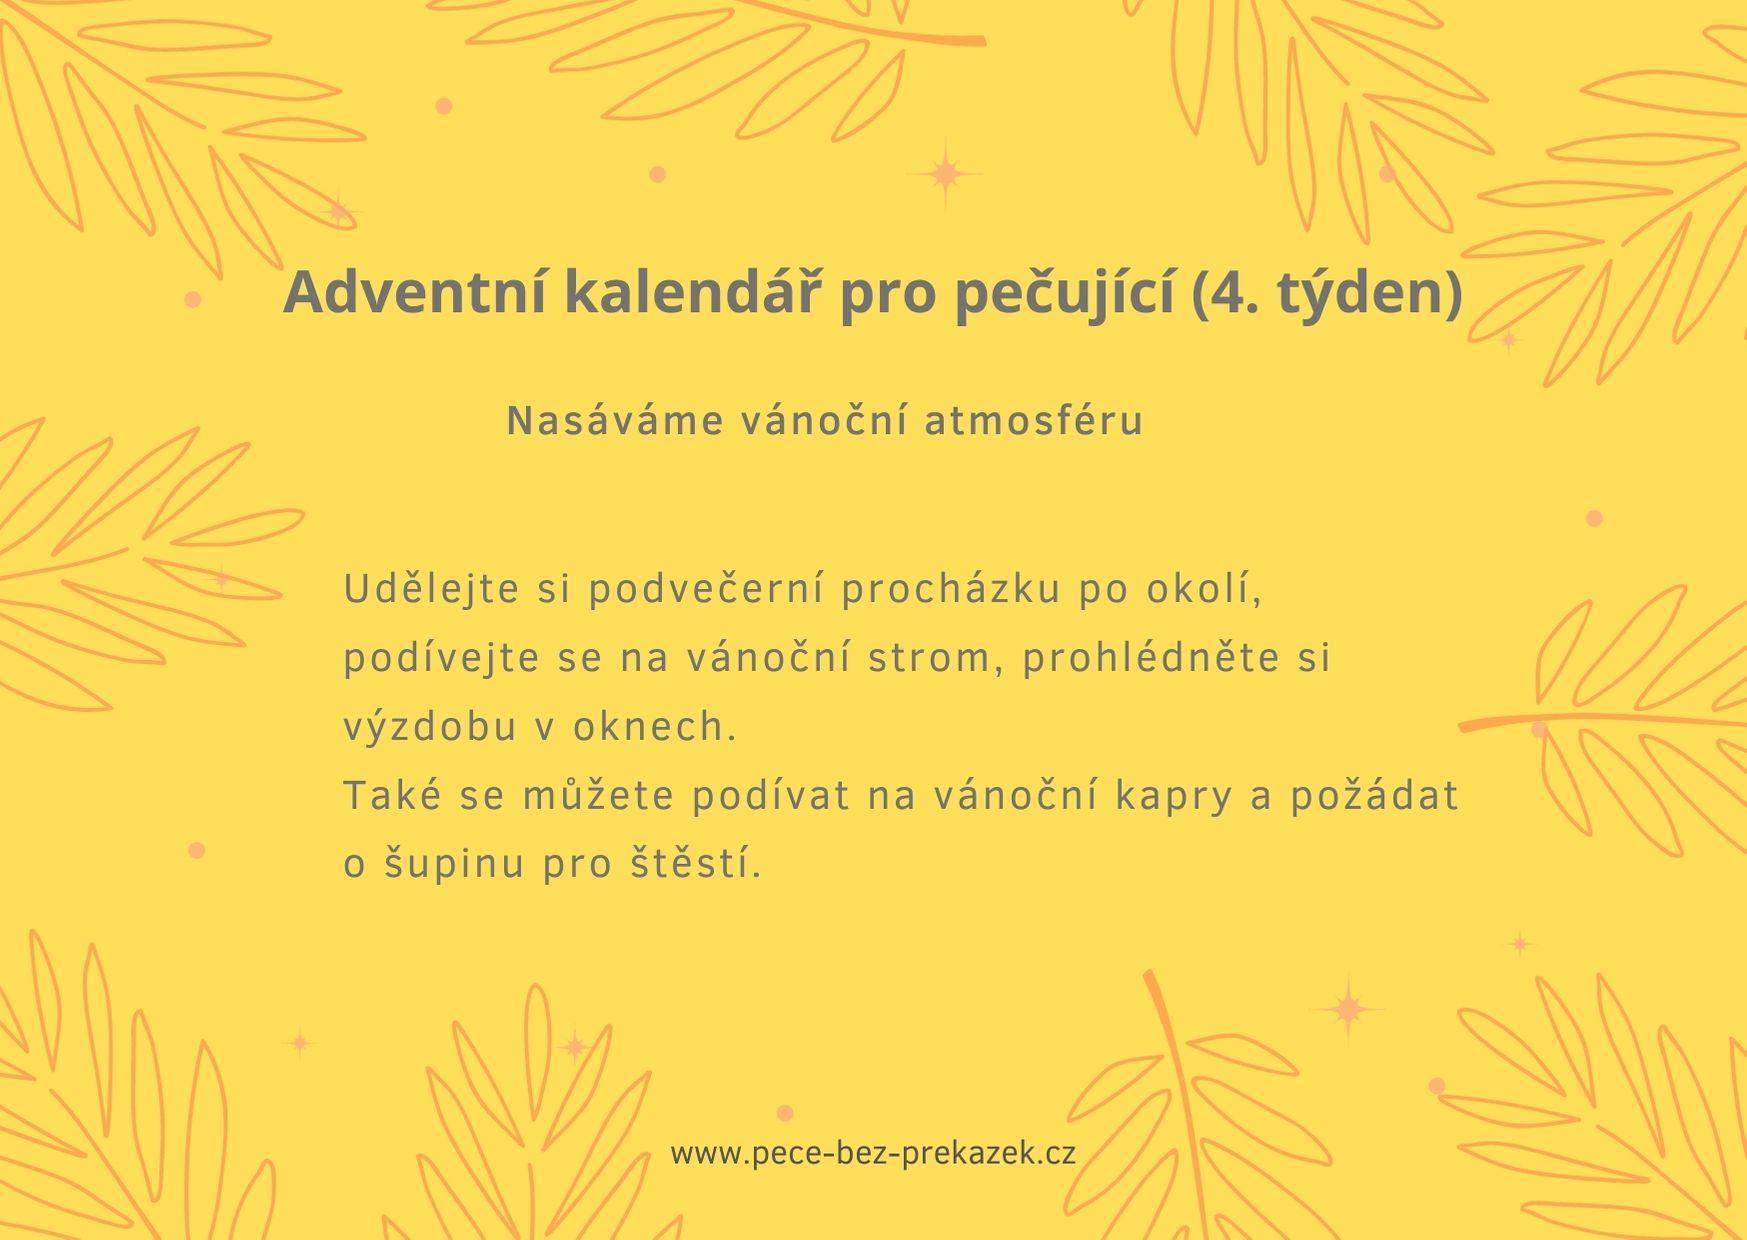 Adventní kalendář pro pečující (4. týden)